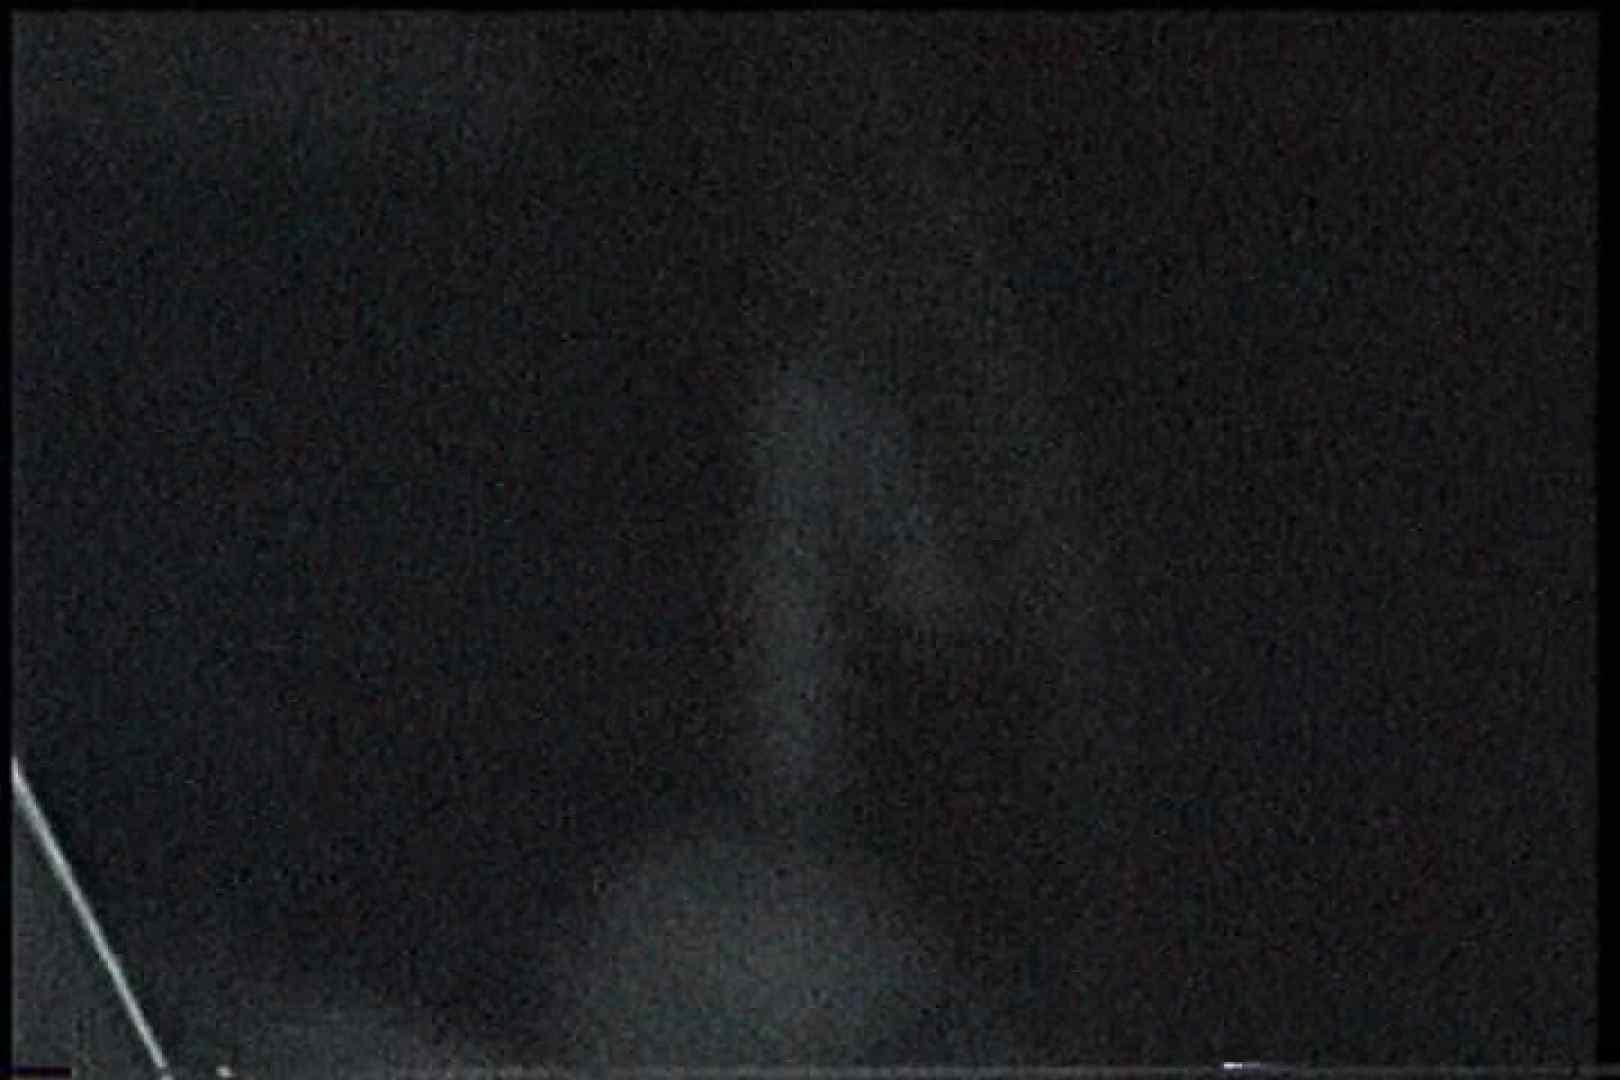 充血監督の深夜の運動会Vol.199 OLセックス | カップル  101画像 10